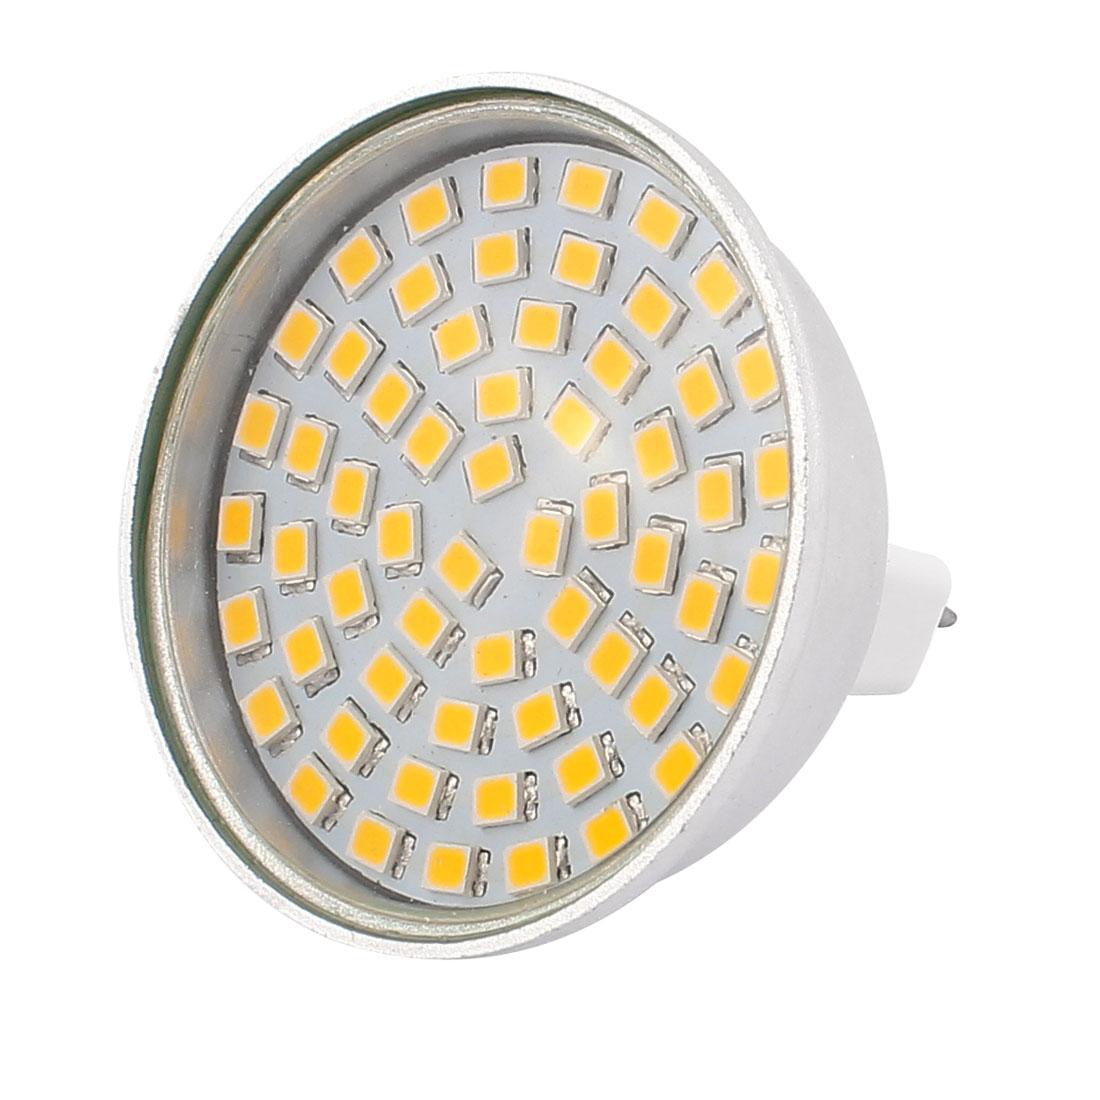 110V 6W MR16 2835 SMD 60 LEDs LED Bulb Light Spotlight Lamp Energy Save Warm White